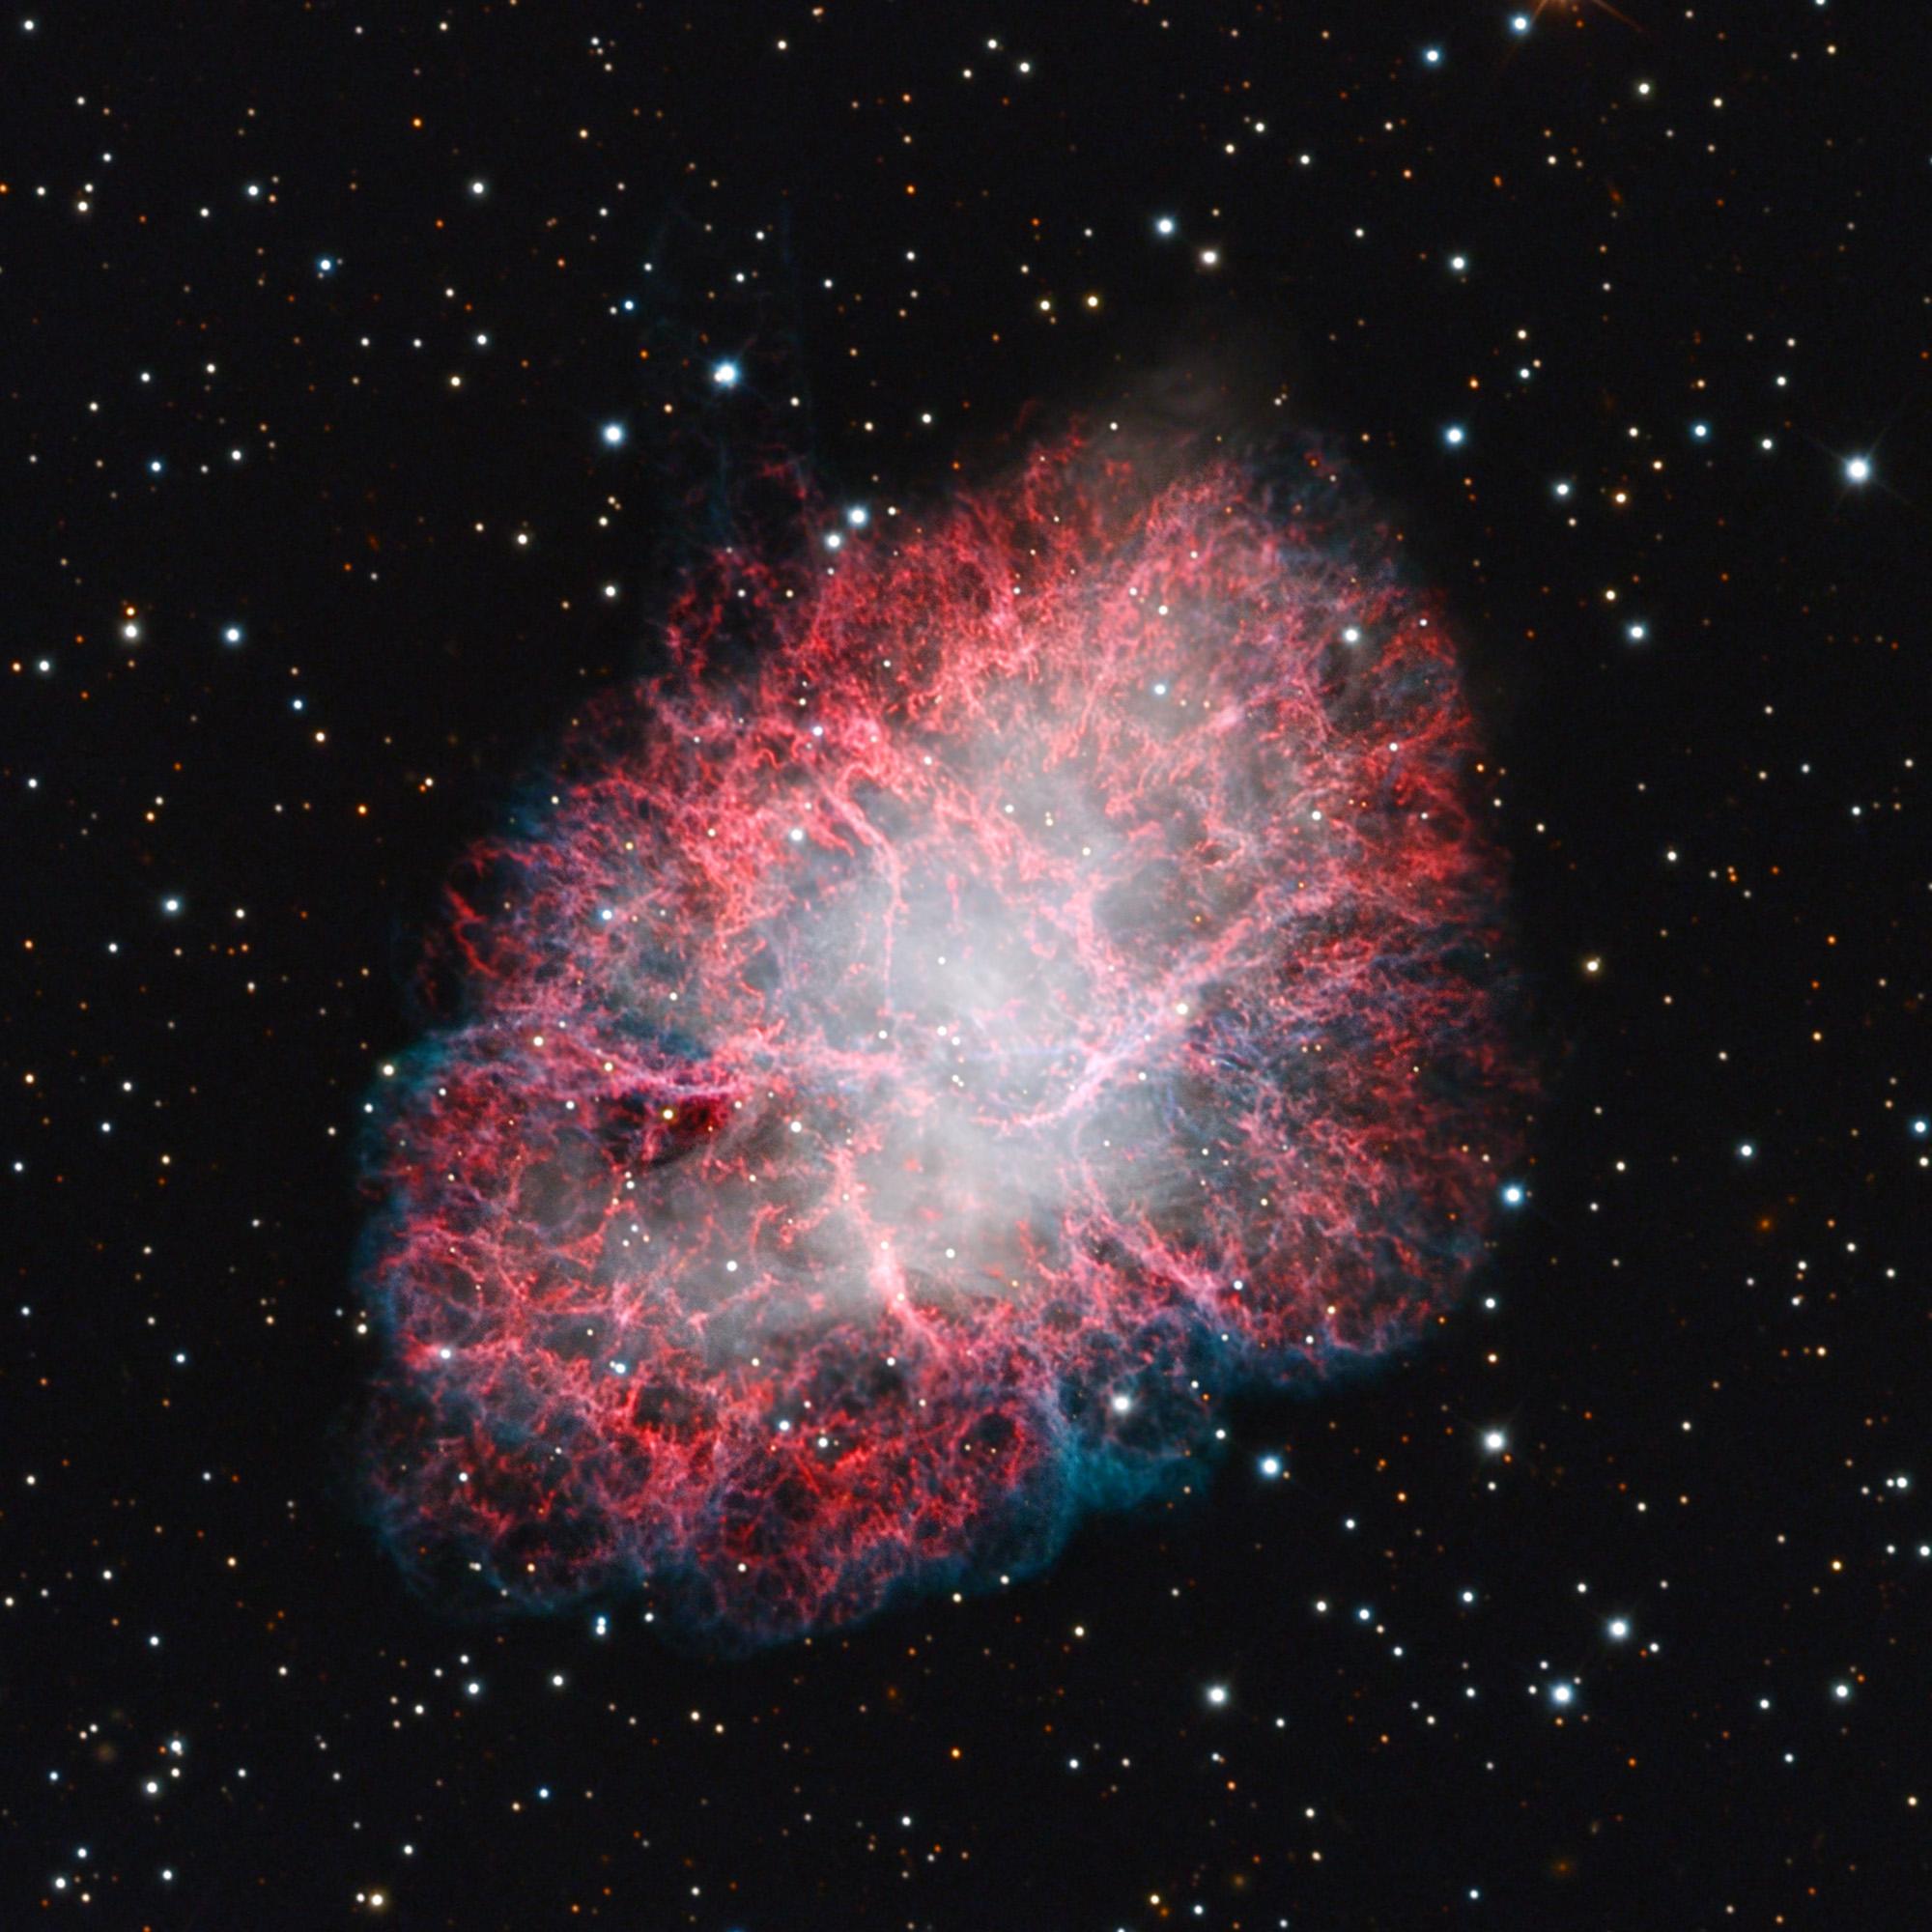 tetoora road observatory | visual observations on variable star